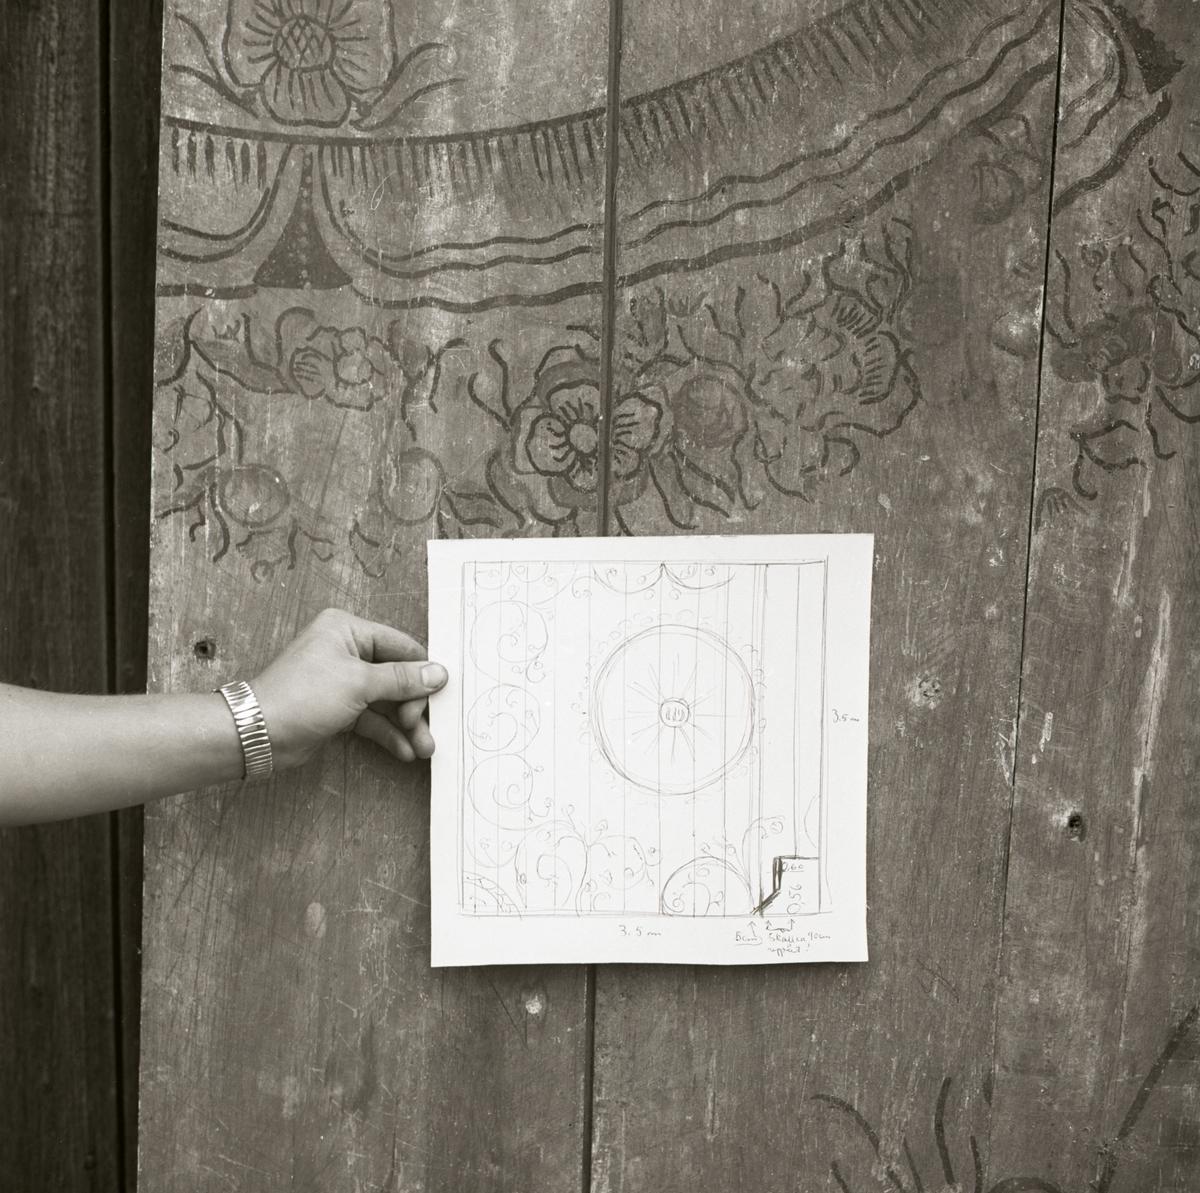 En skiss av en takmålning visas upp framför själva takmålningen, Sunnanåker 1968-1969.